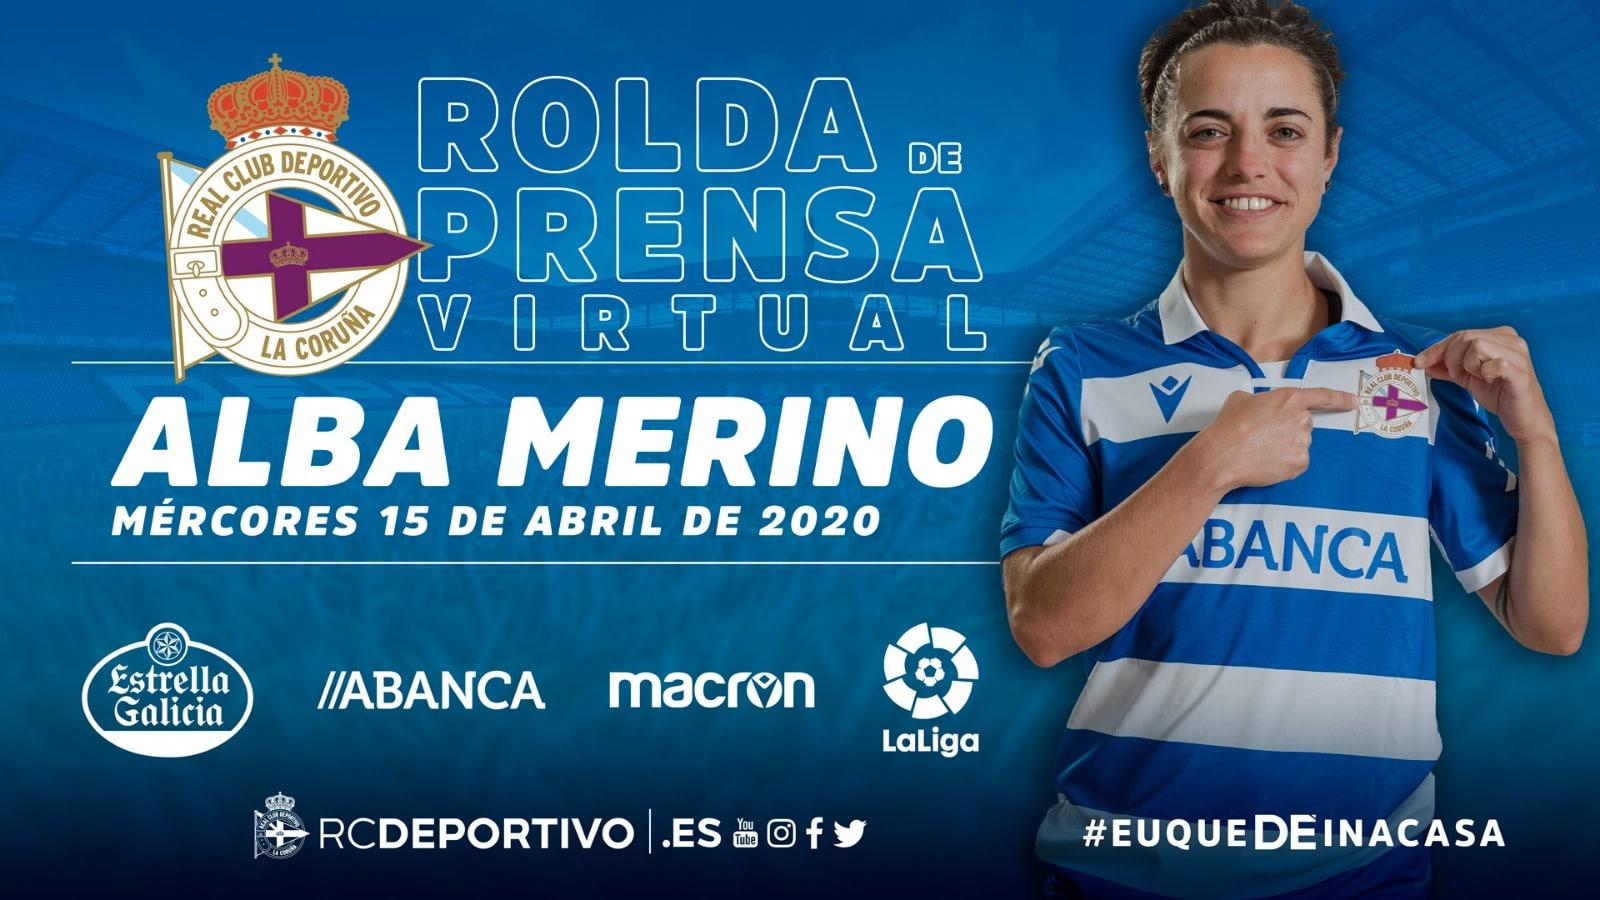 Alba Merino rolda de prensa virtual | RCD